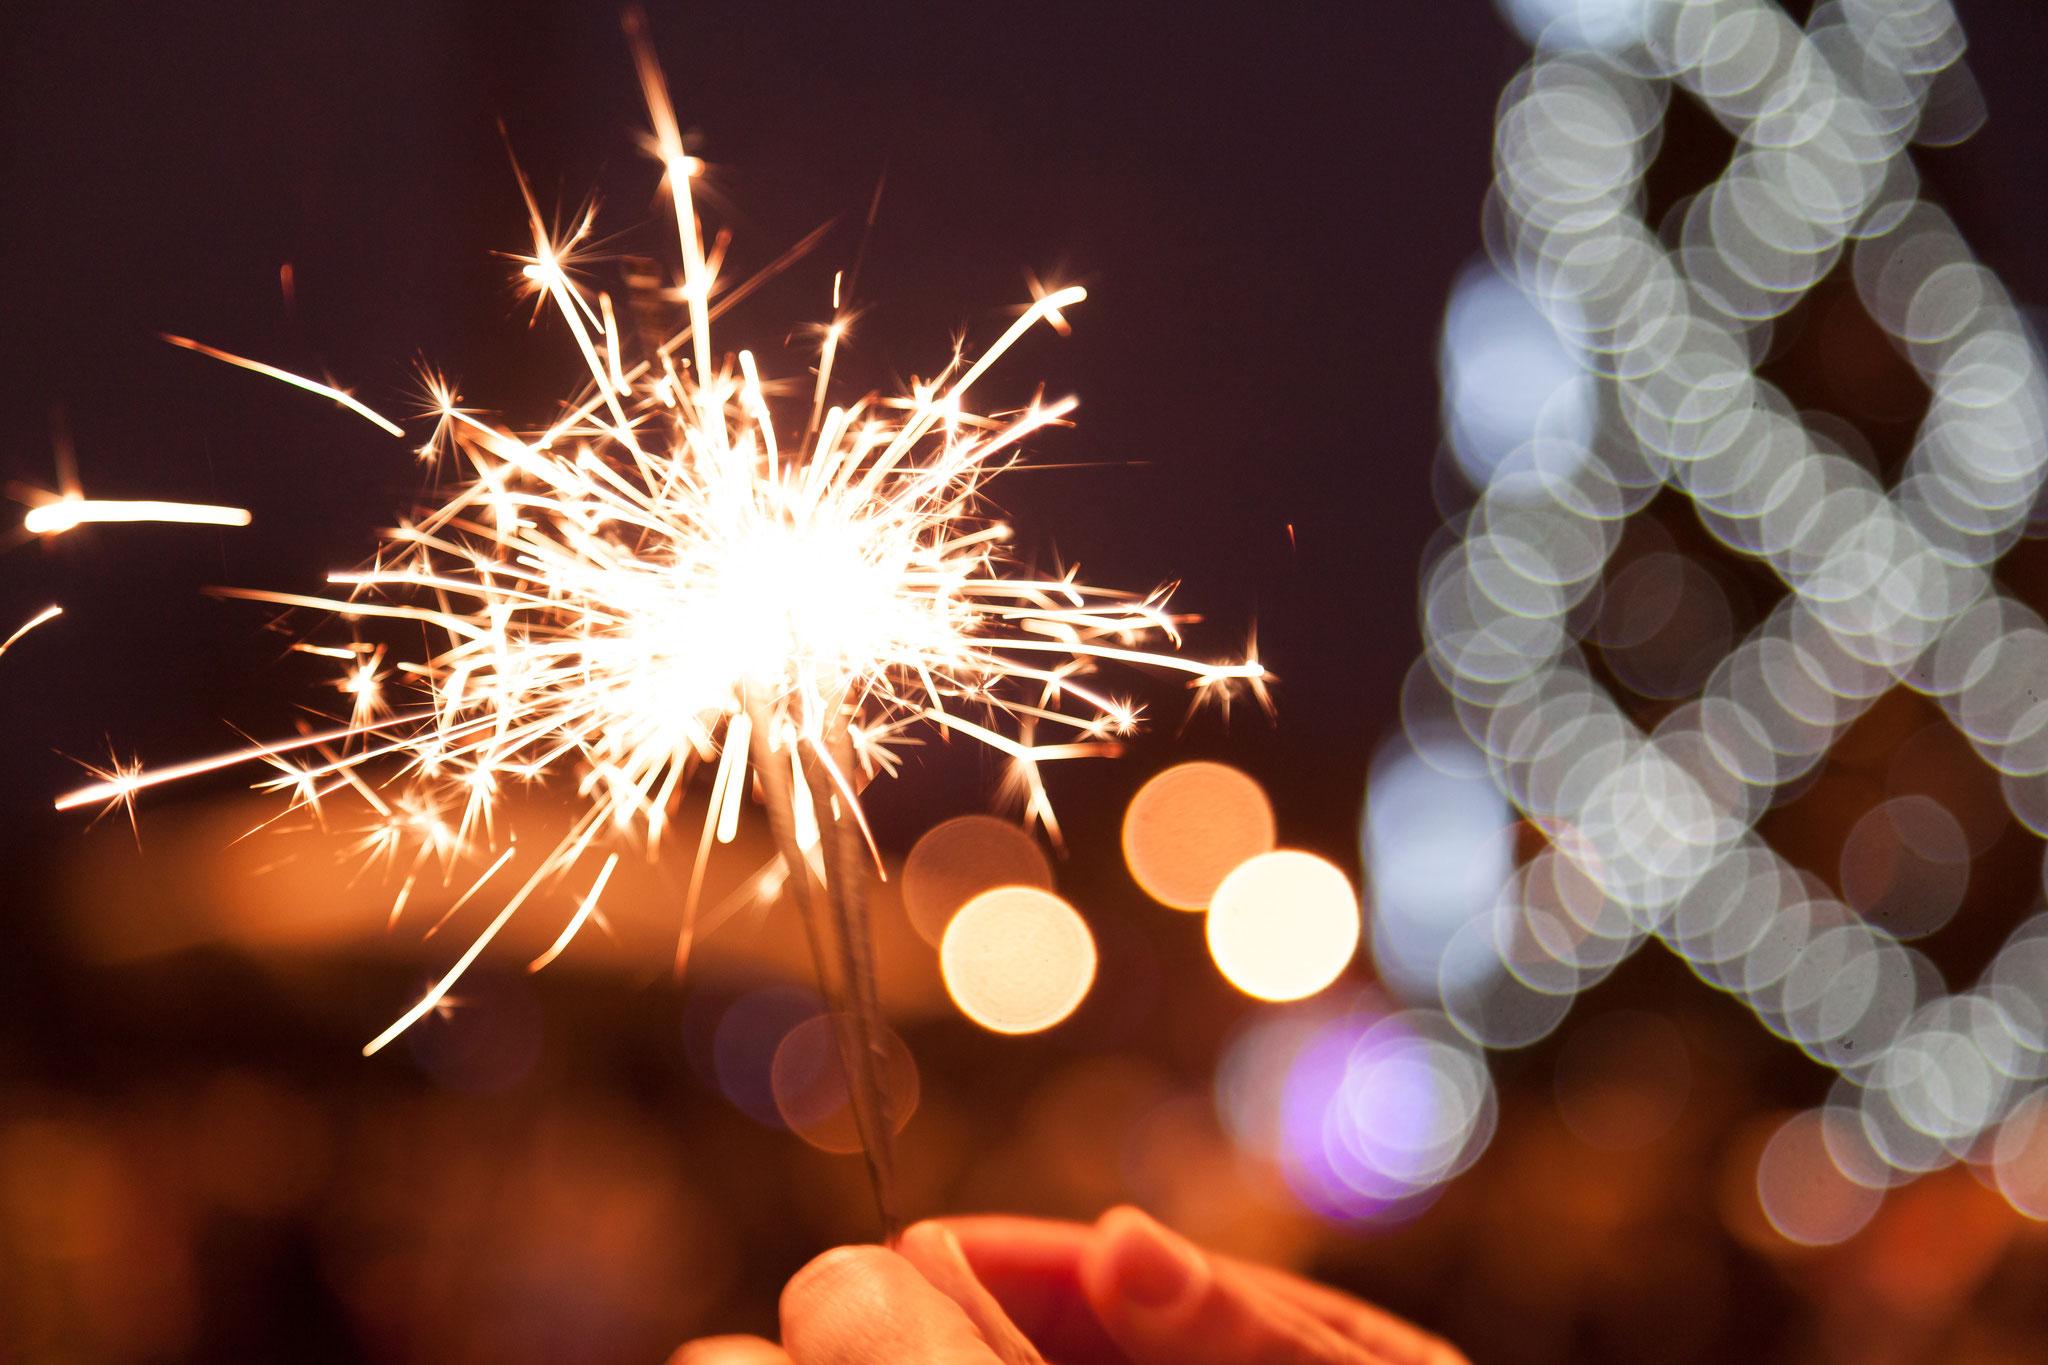 Fr, 29. November, 14 bis 19 Uhr: Feuriger Advent rund ums Freizeitforum Marzahn | © glebchik, Adobe Stock